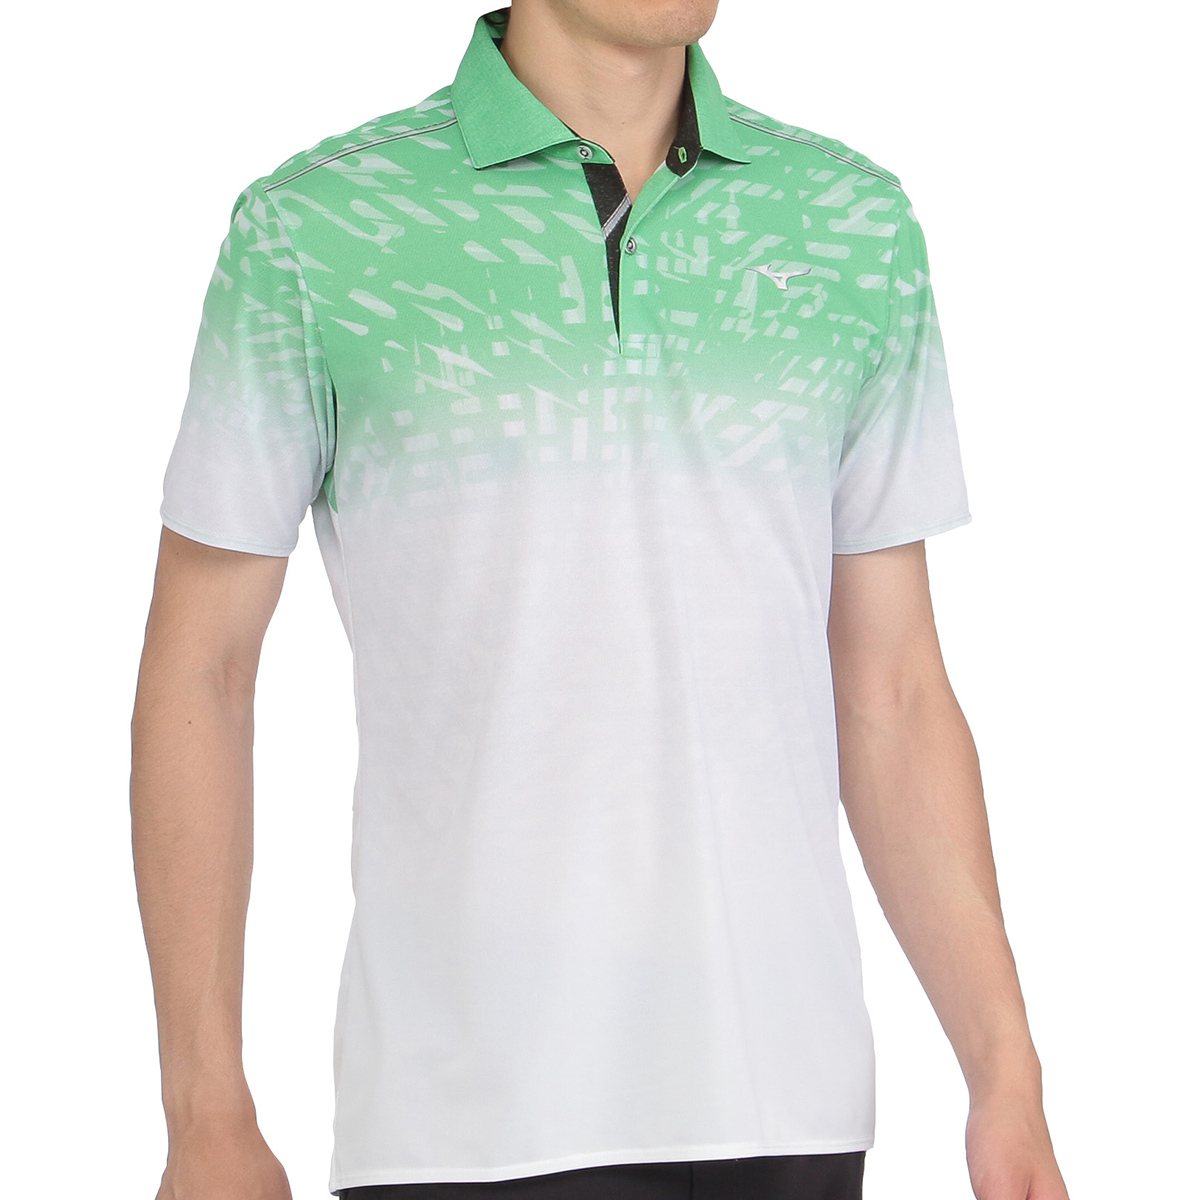 ソーラーカット半袖プリント柄ポロシャツ